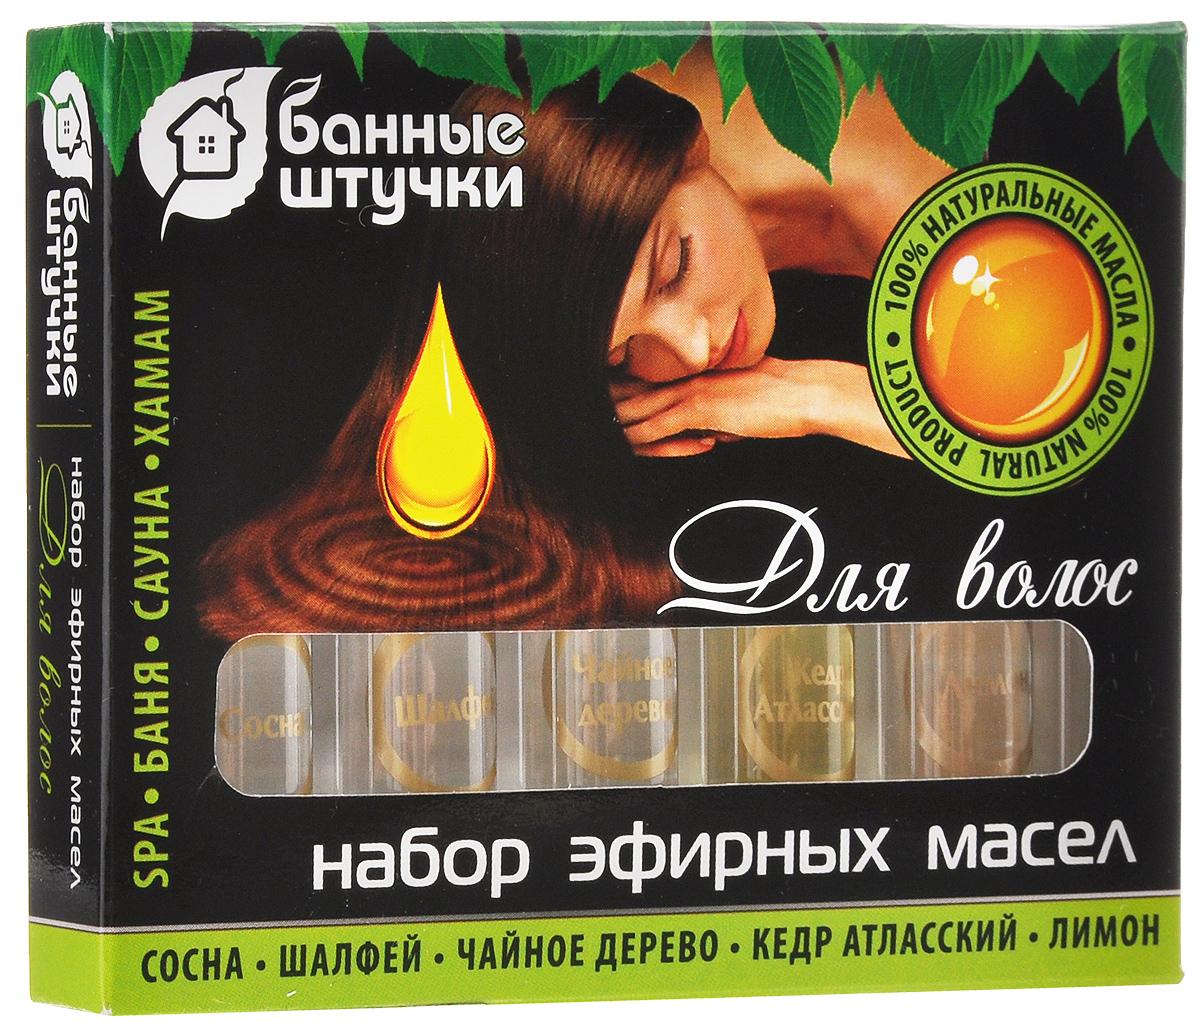 Набор эфирных масел для волос Банные штучки, 2 мл, 5 шт34301Эфирные масла добавляются в шампунь, бальзам, маски для волос, а также используются при расчесывании. Это одно из лучших природных средств, доступных в условиях современной экологии, которая негативно влияет на состояние волос. Натуральные эфирные масла сосны, чайного дерева, шалфея, кедра атласского и лимона улучшают состояние кожи головы, уменьшают выпадение, устраняют ломкость и тусклость волос. Краткий гид по парфюмерии: виды, ноты, ароматы, советы по выбору. Статья OZON Гид